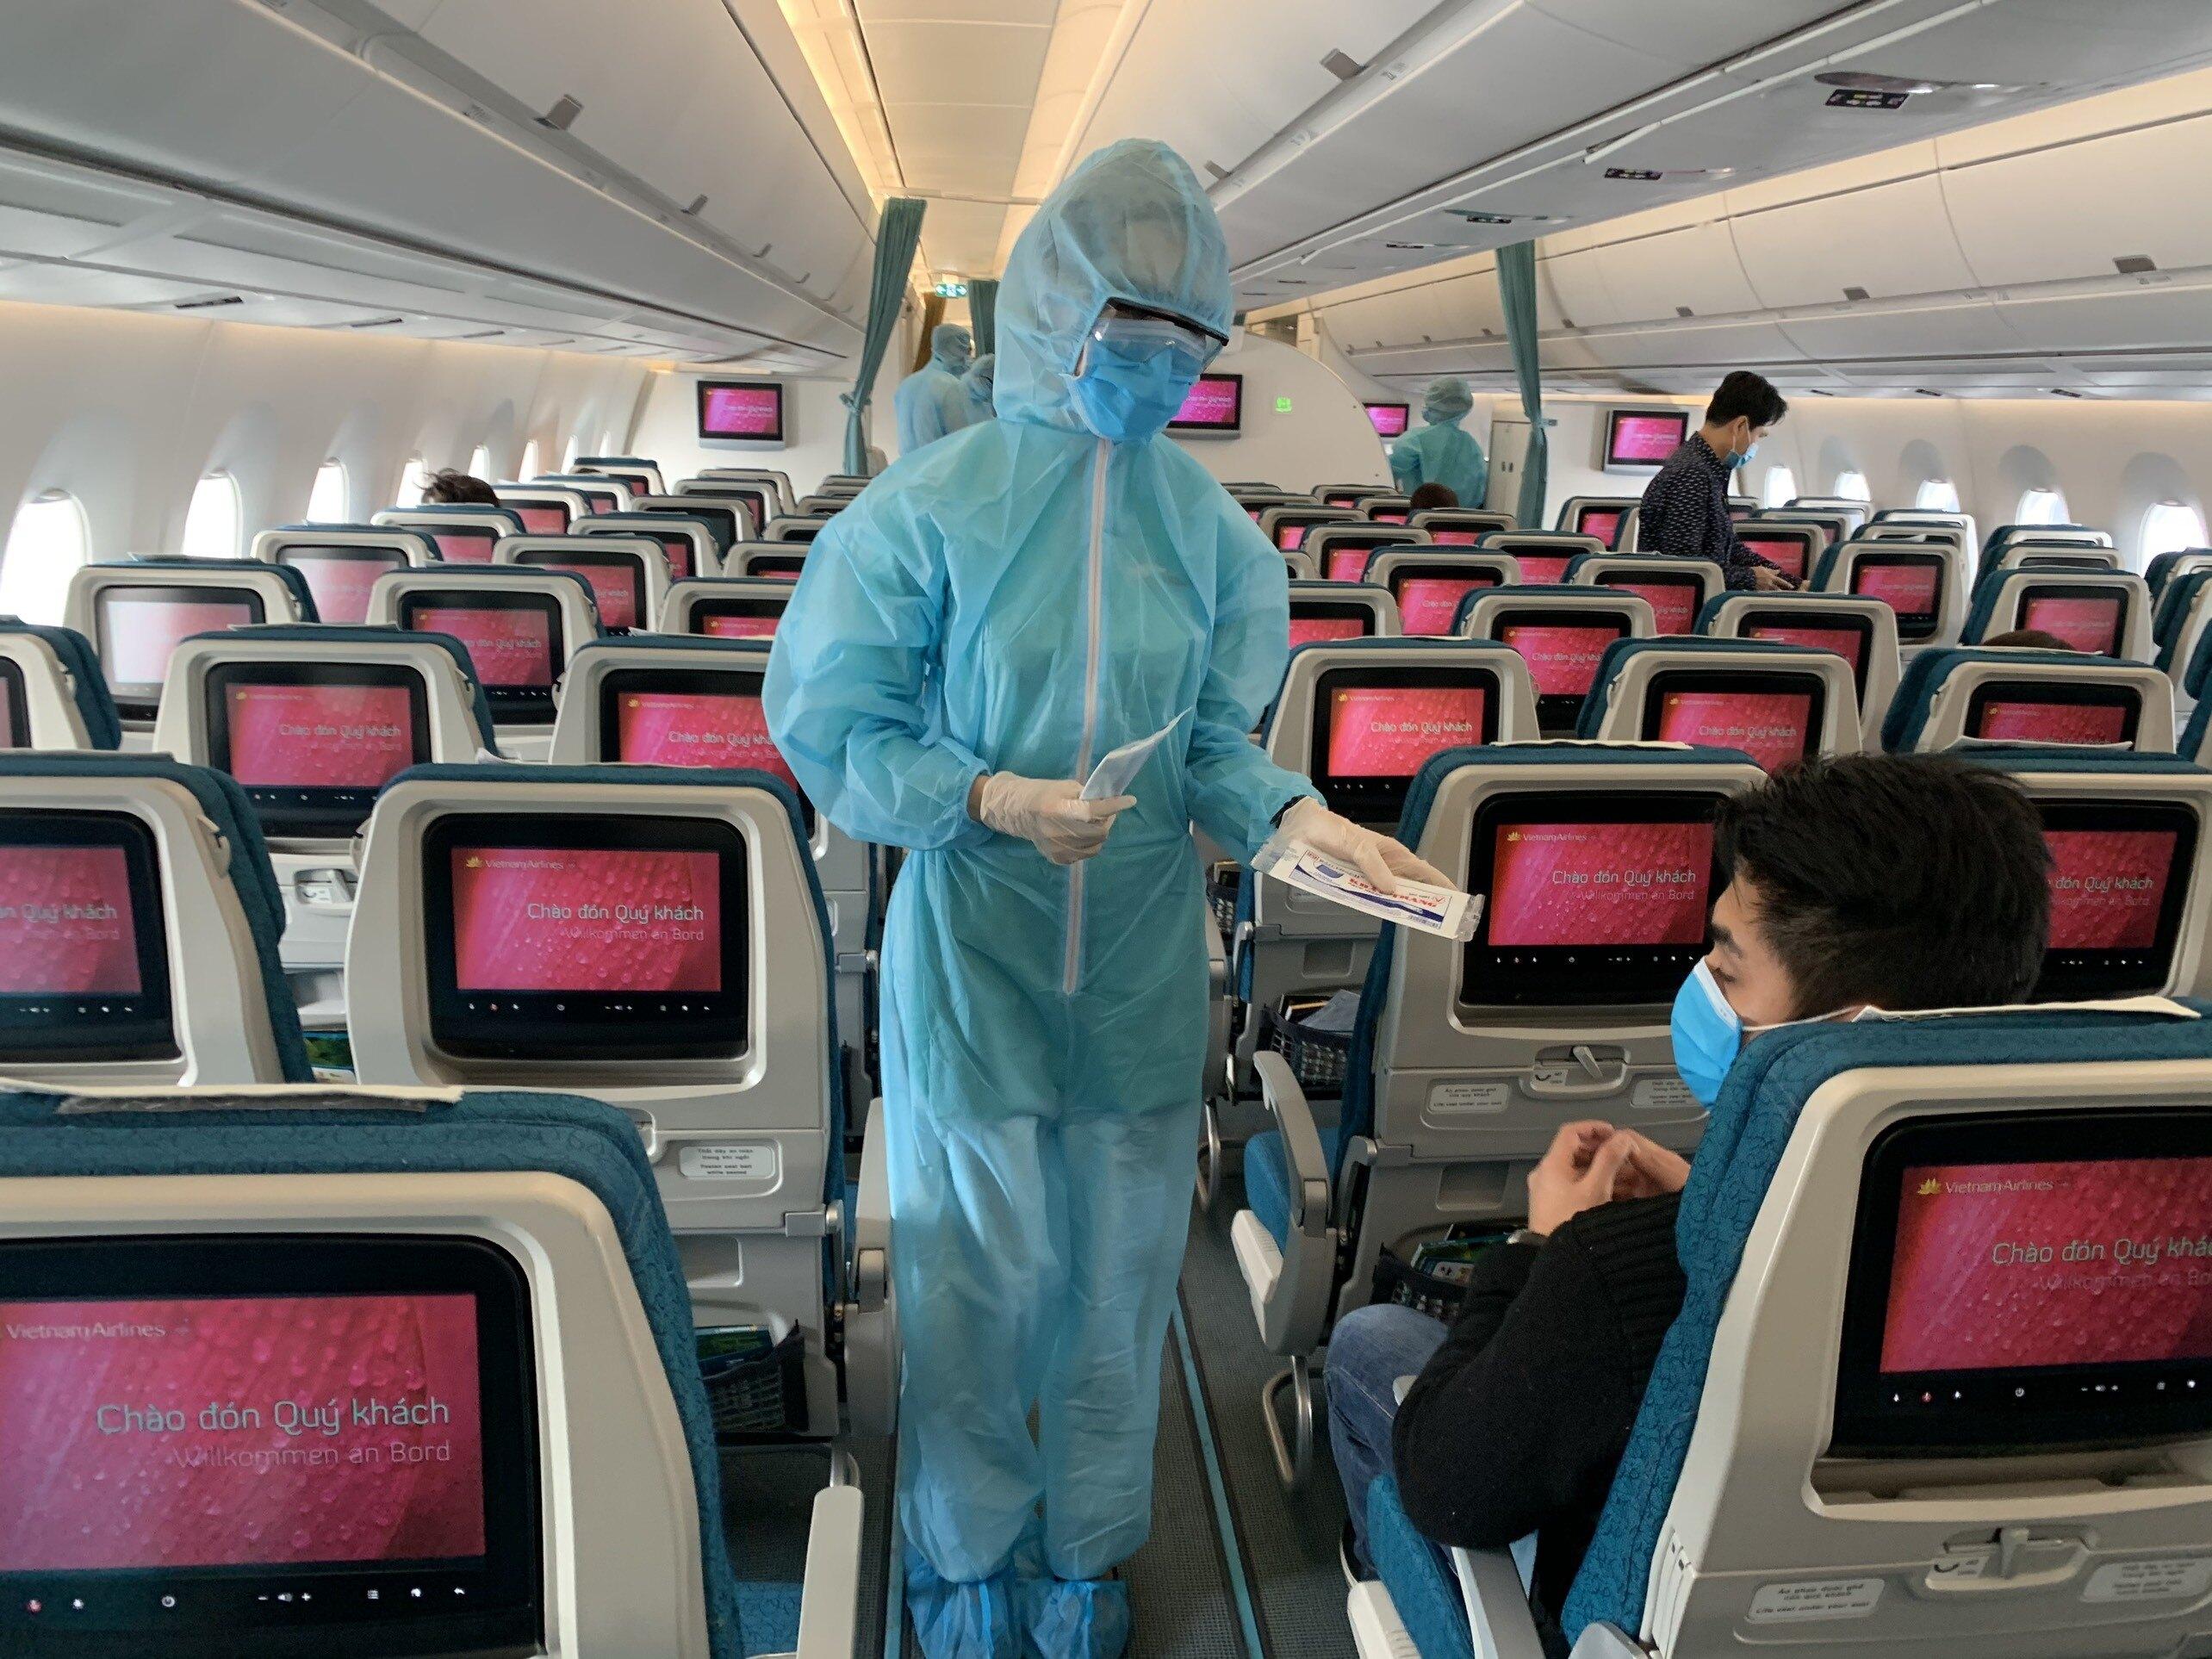 Nhiều chuyến bay đưa người Việt hồi hương tránh dịch sắp cất cánh - Ảnh 1.